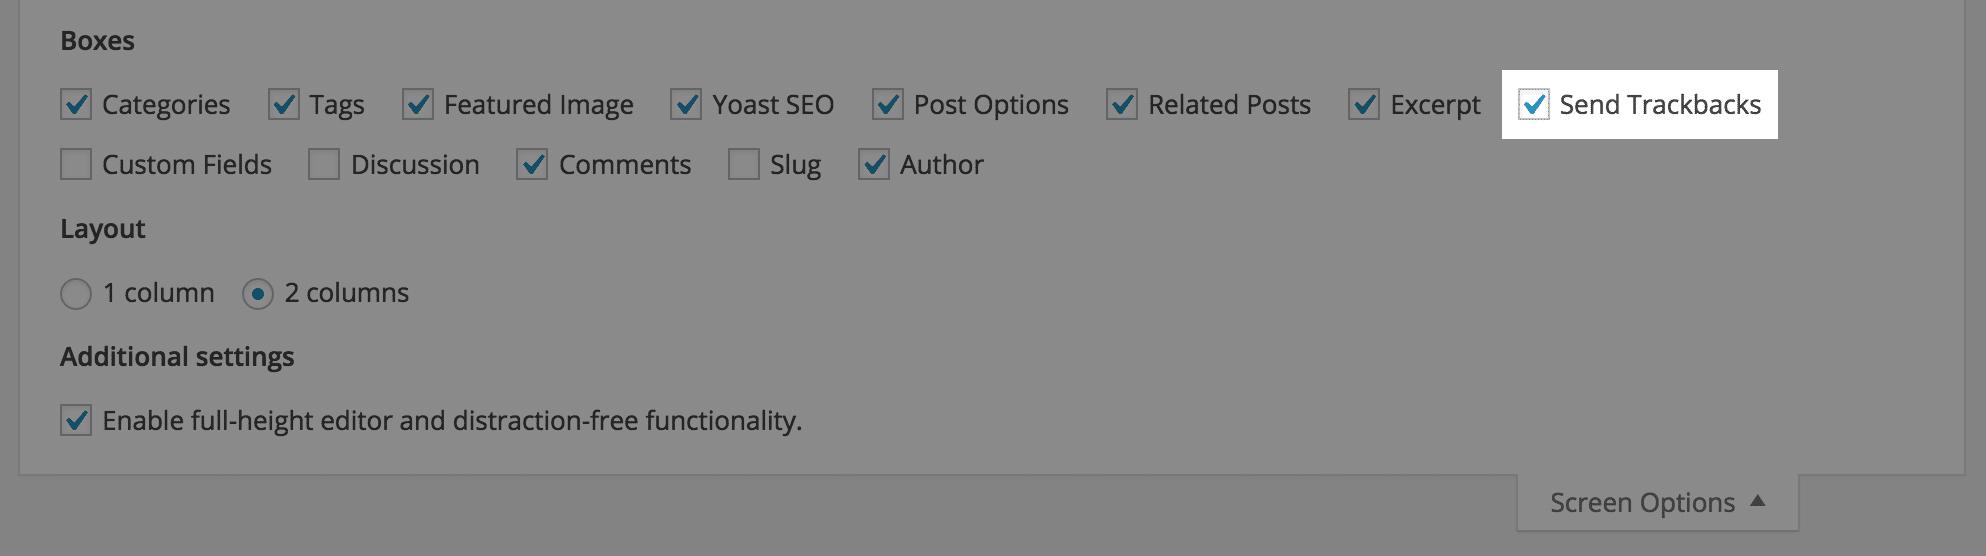 Cài đặt chế độ xem theo dõi trong phần tùy chọn màn hình WordPress